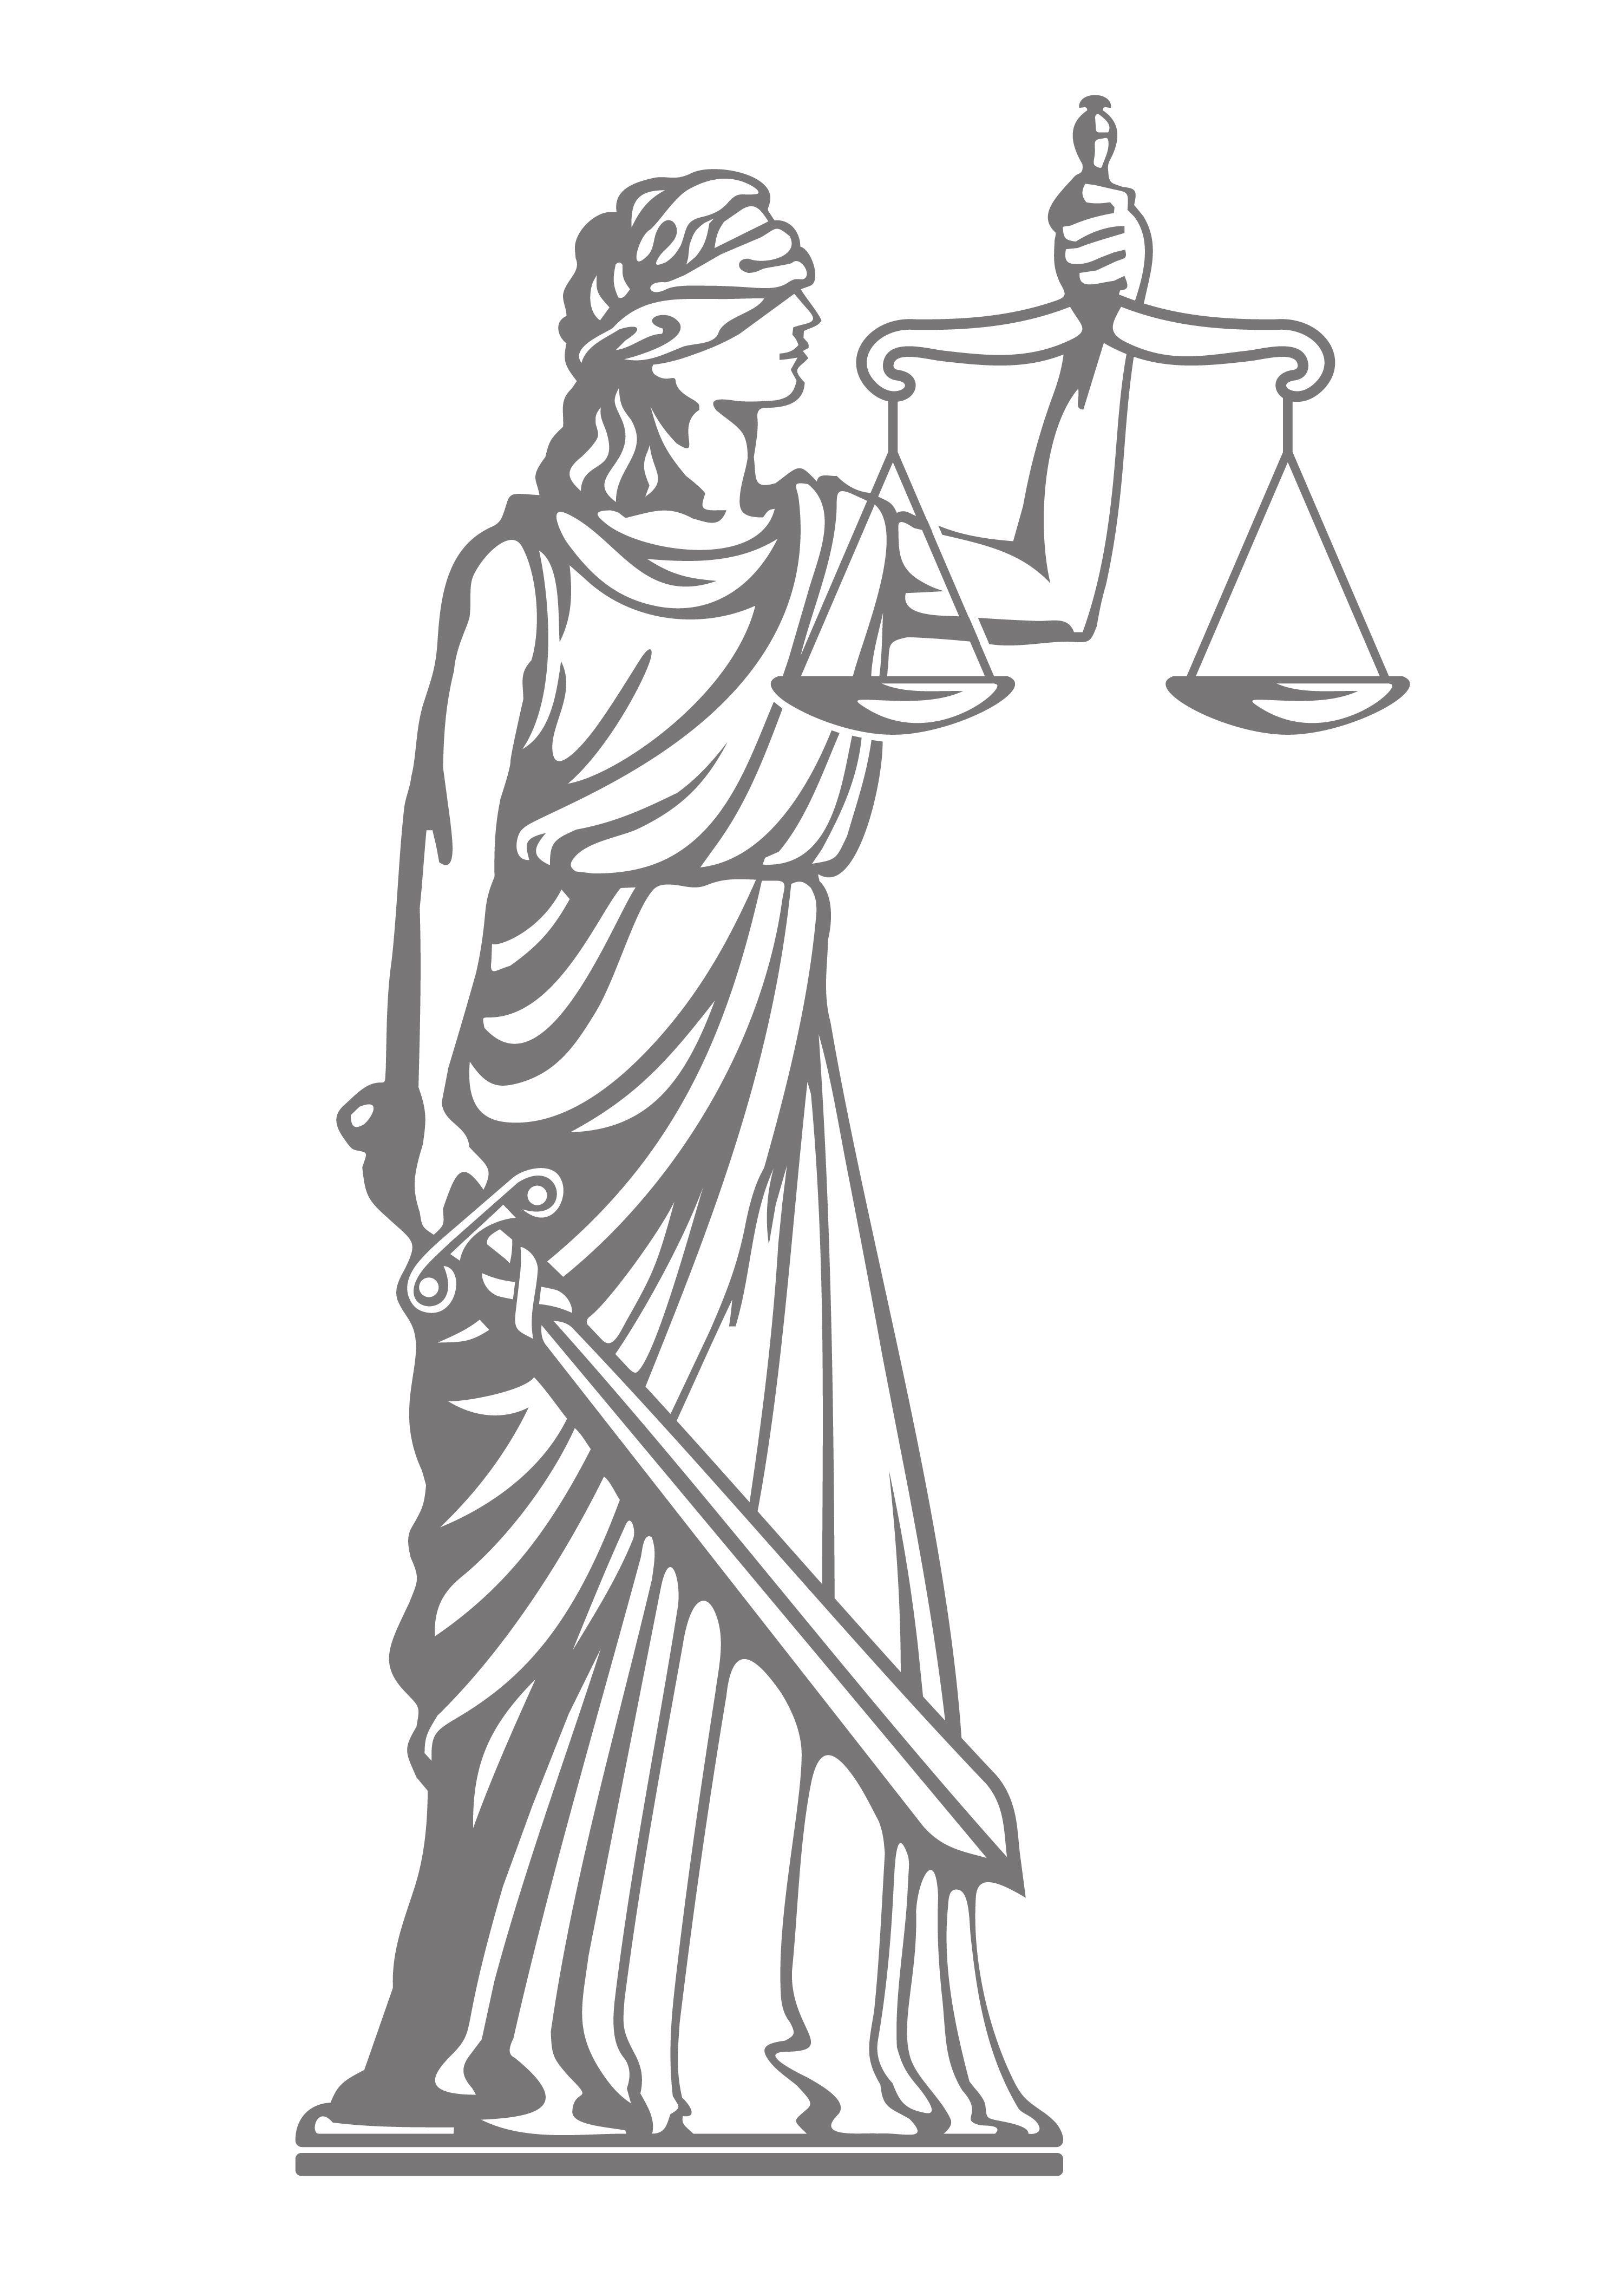 Den Rechtsfrieden herstellen